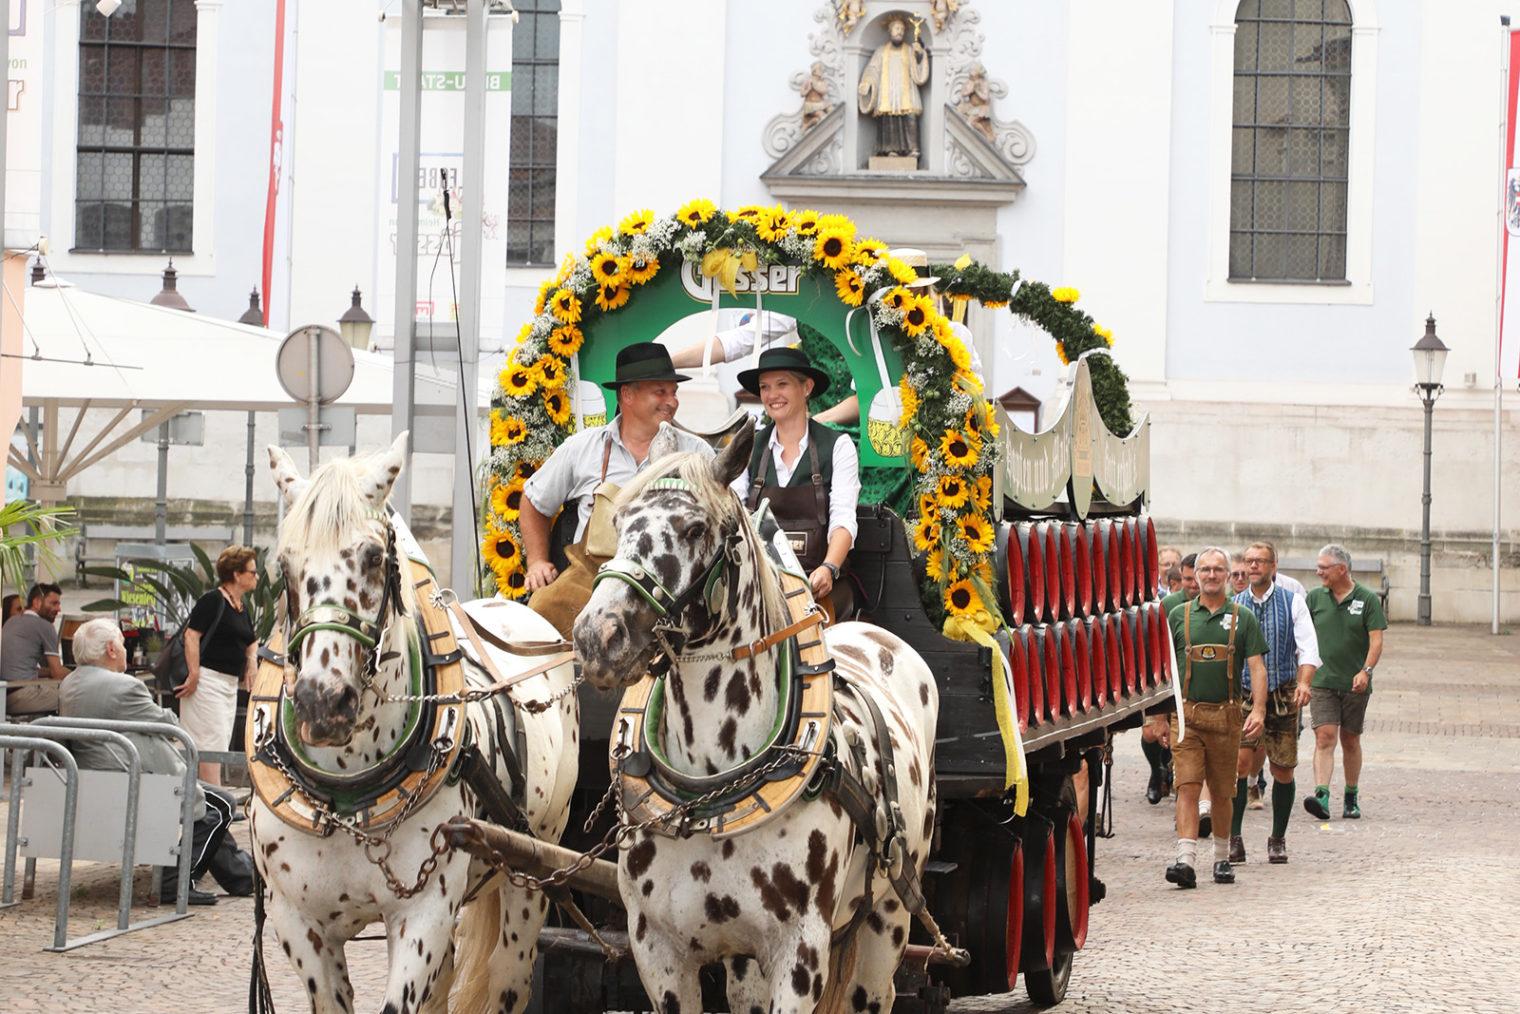 Geschmückte Pferdekutsche in der Leobener Innenstadt beim Braustadt Fest